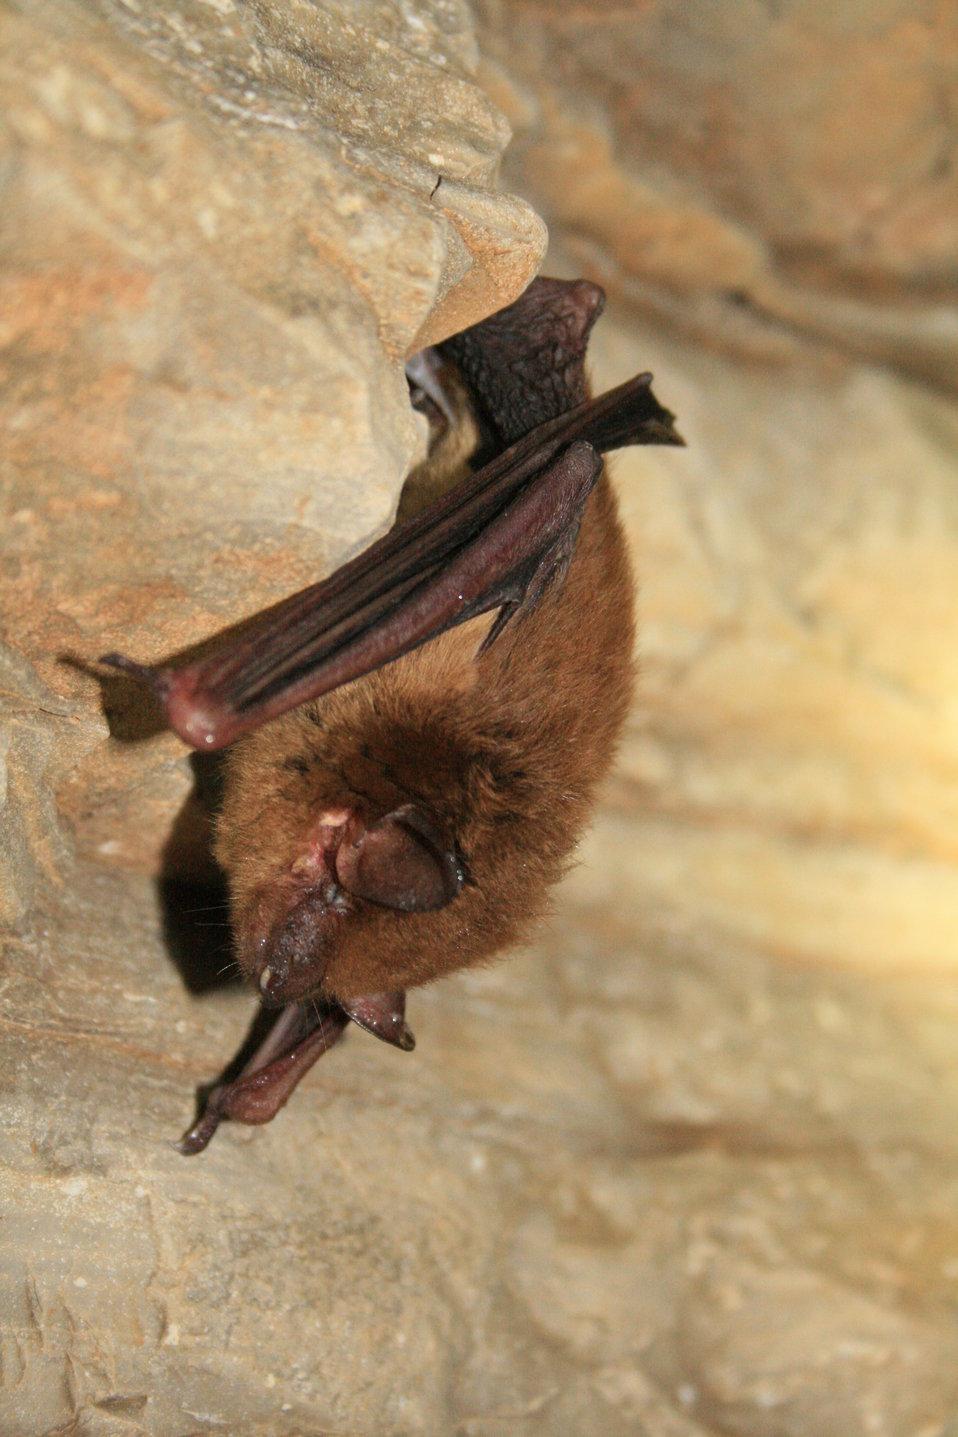 healthy hibernating big brown bat